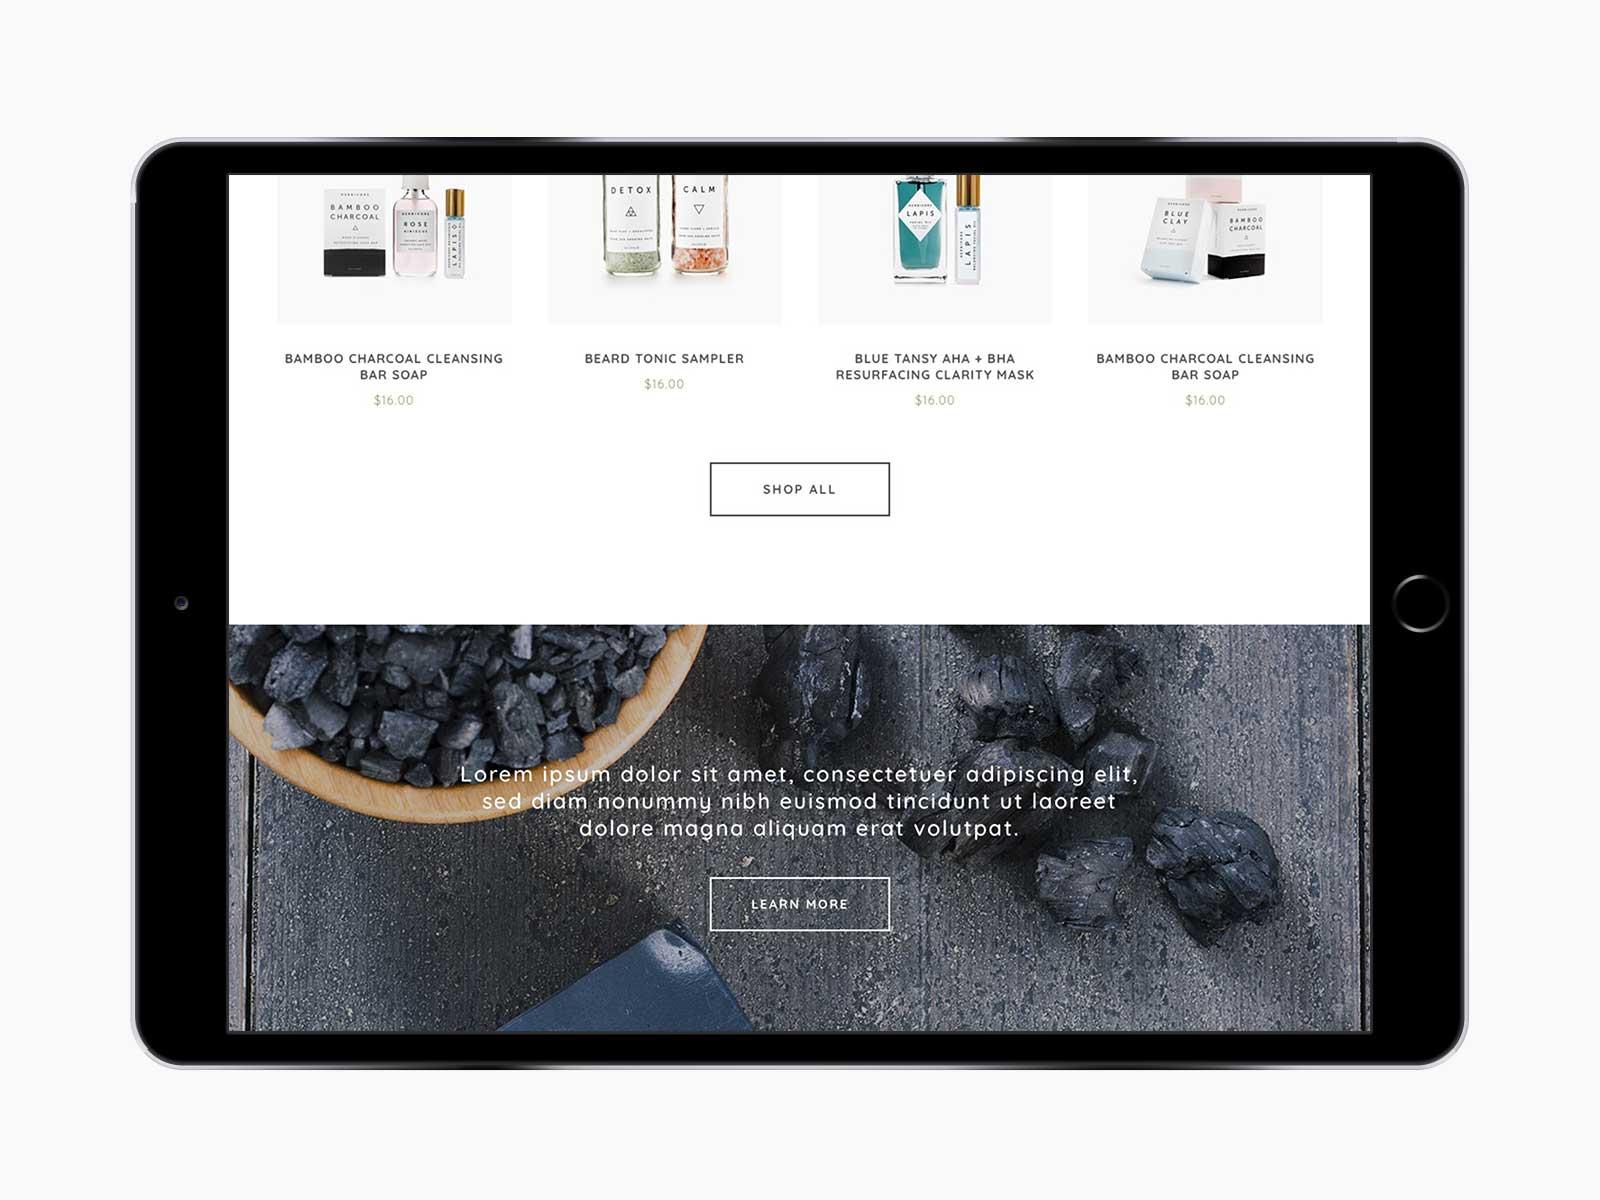 Leaf Skin Co. responsive website for shop menu on iPad in landscape view